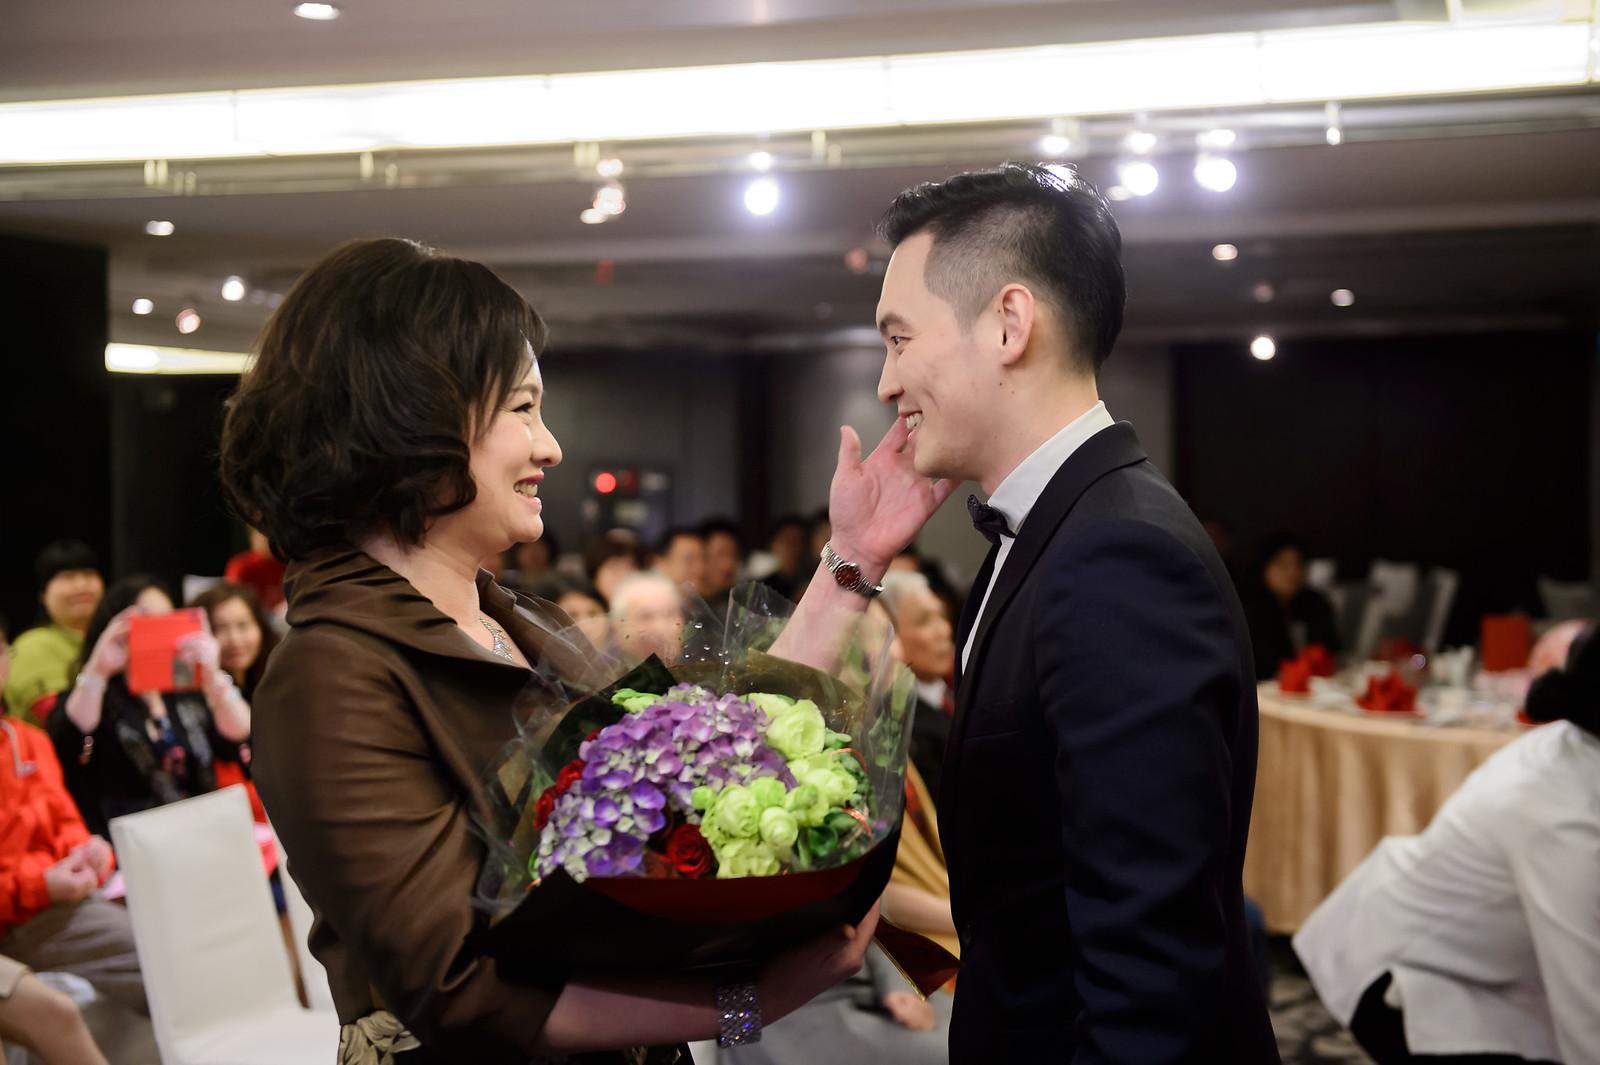 台北婚攝, 婚禮攝影, 婚攝, 婚攝守恆, 婚攝推薦, 晶華酒店, 晶華酒店婚宴, 晶華酒店婚攝-54